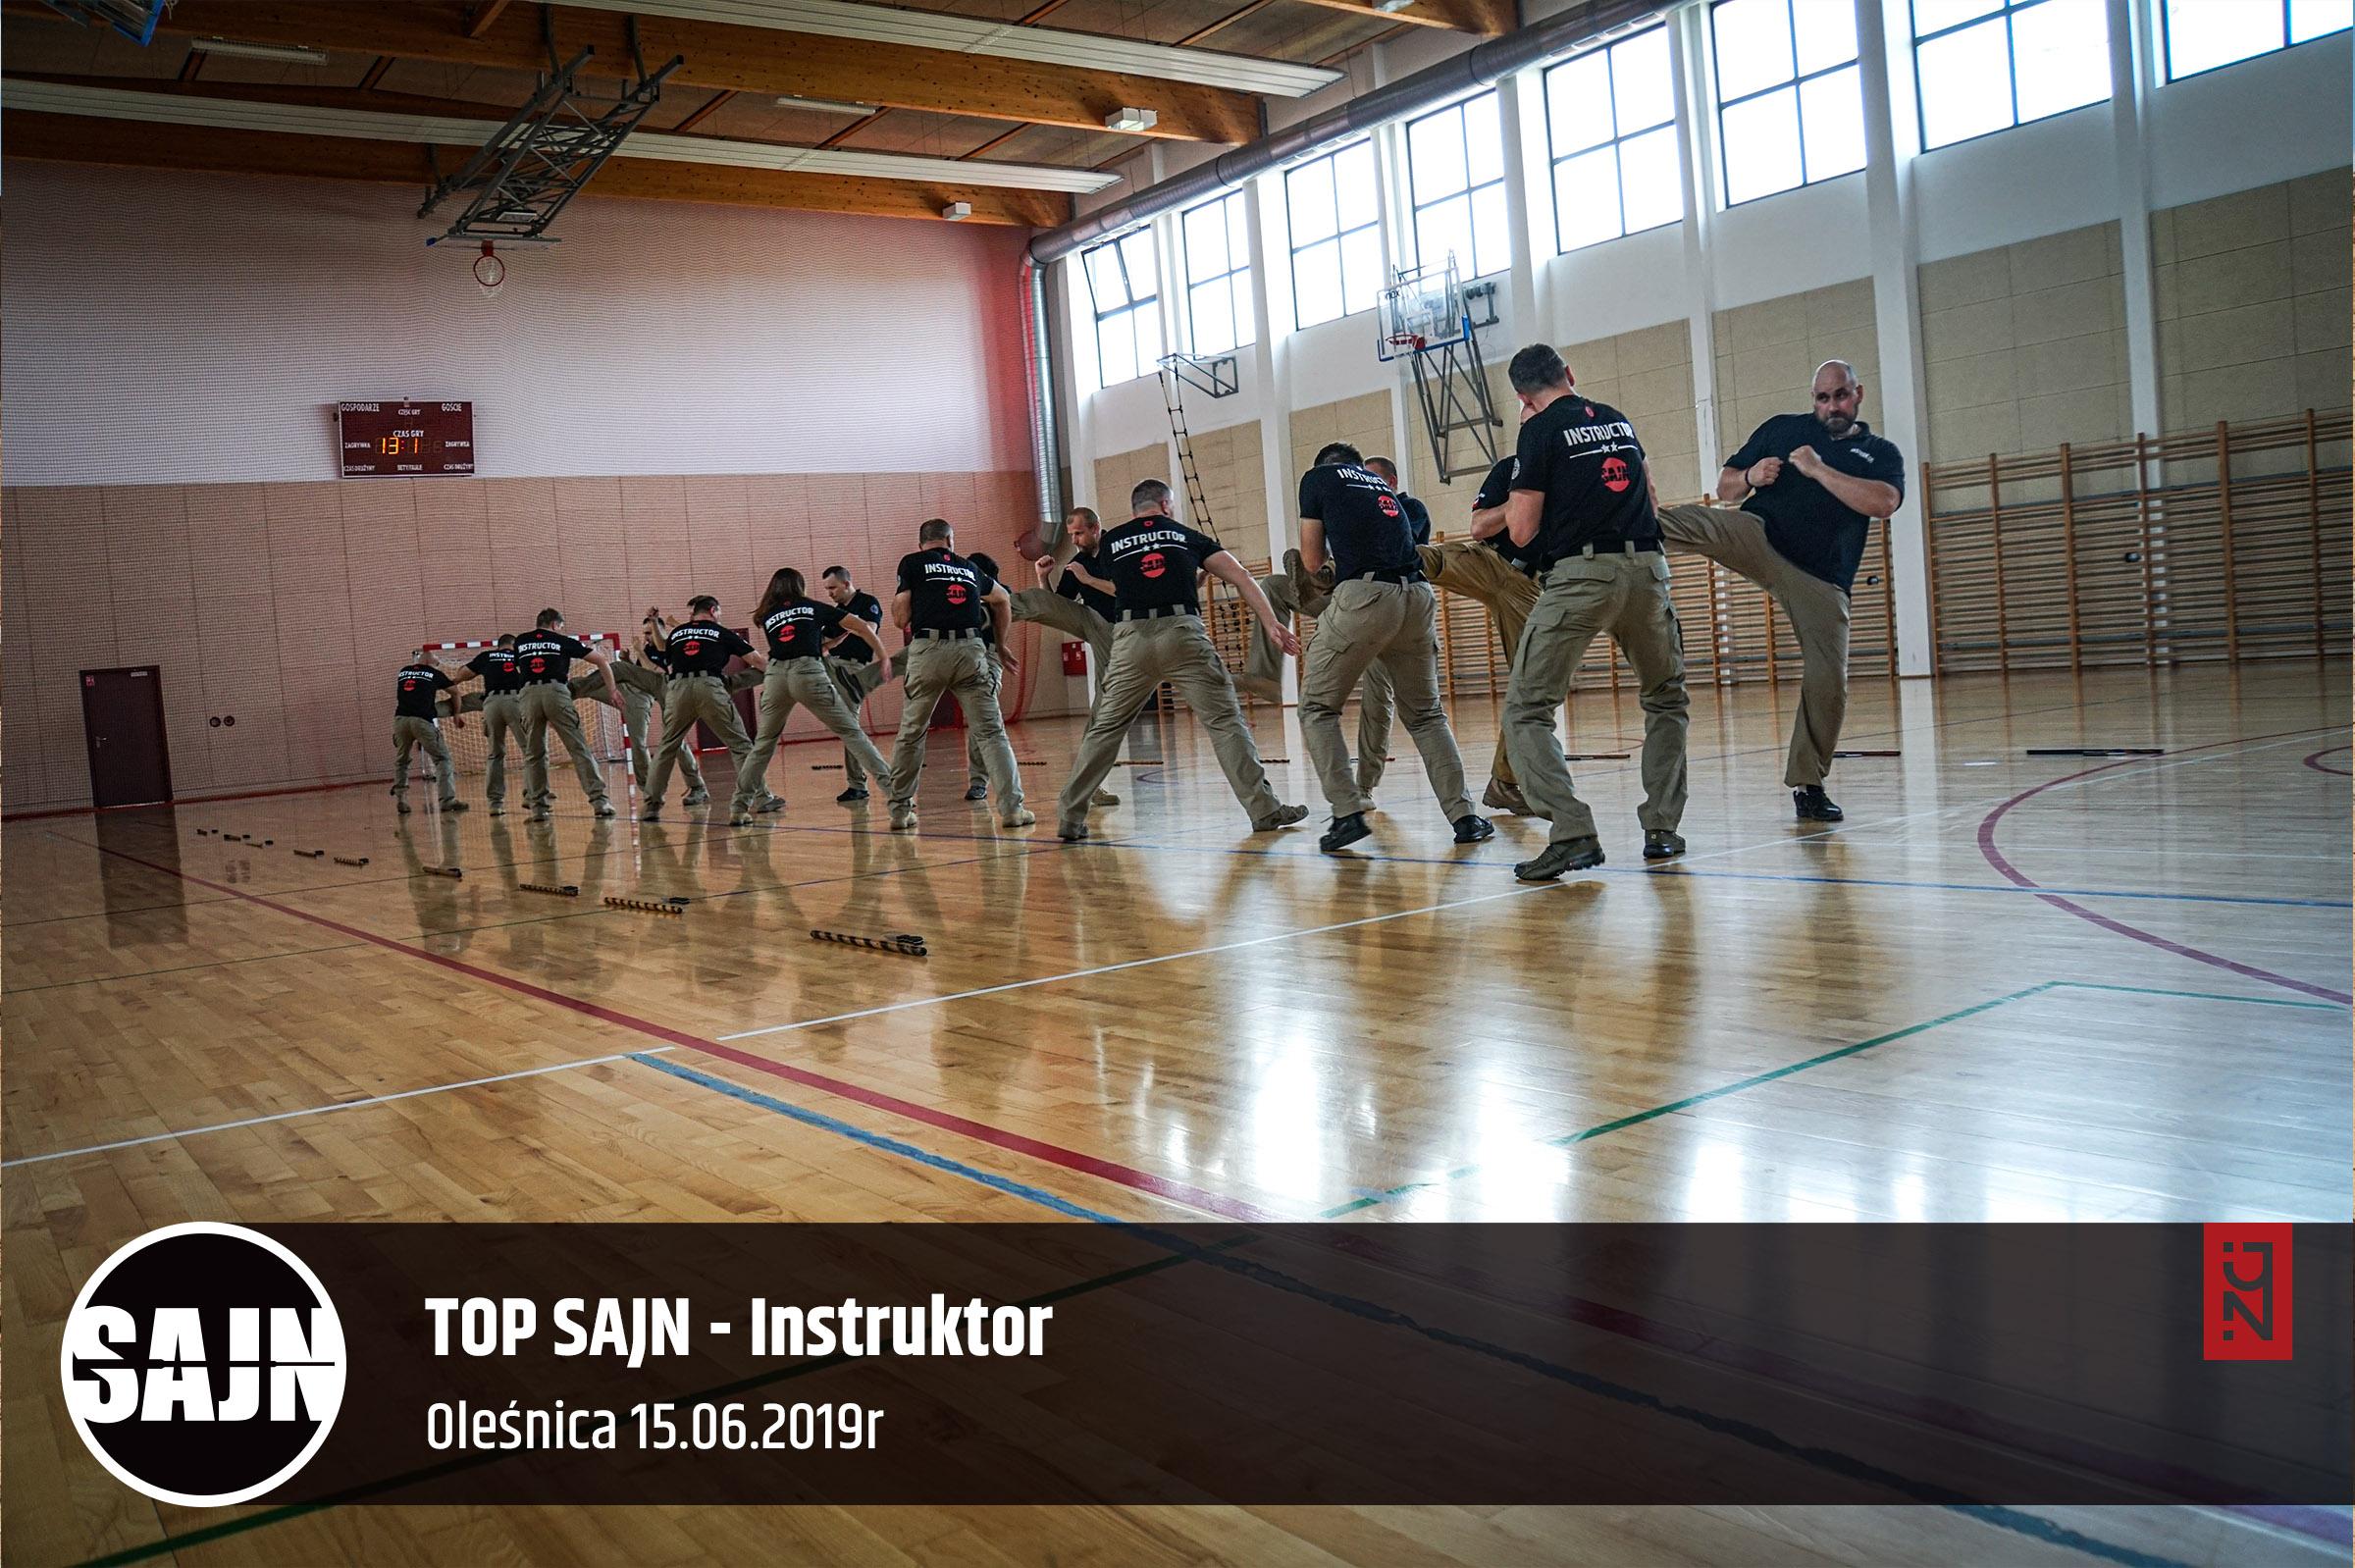 jan nycek_sajn_szkolenie dla sluzb mundurowych_palka teleskopowa_walka nozem_4.jpg